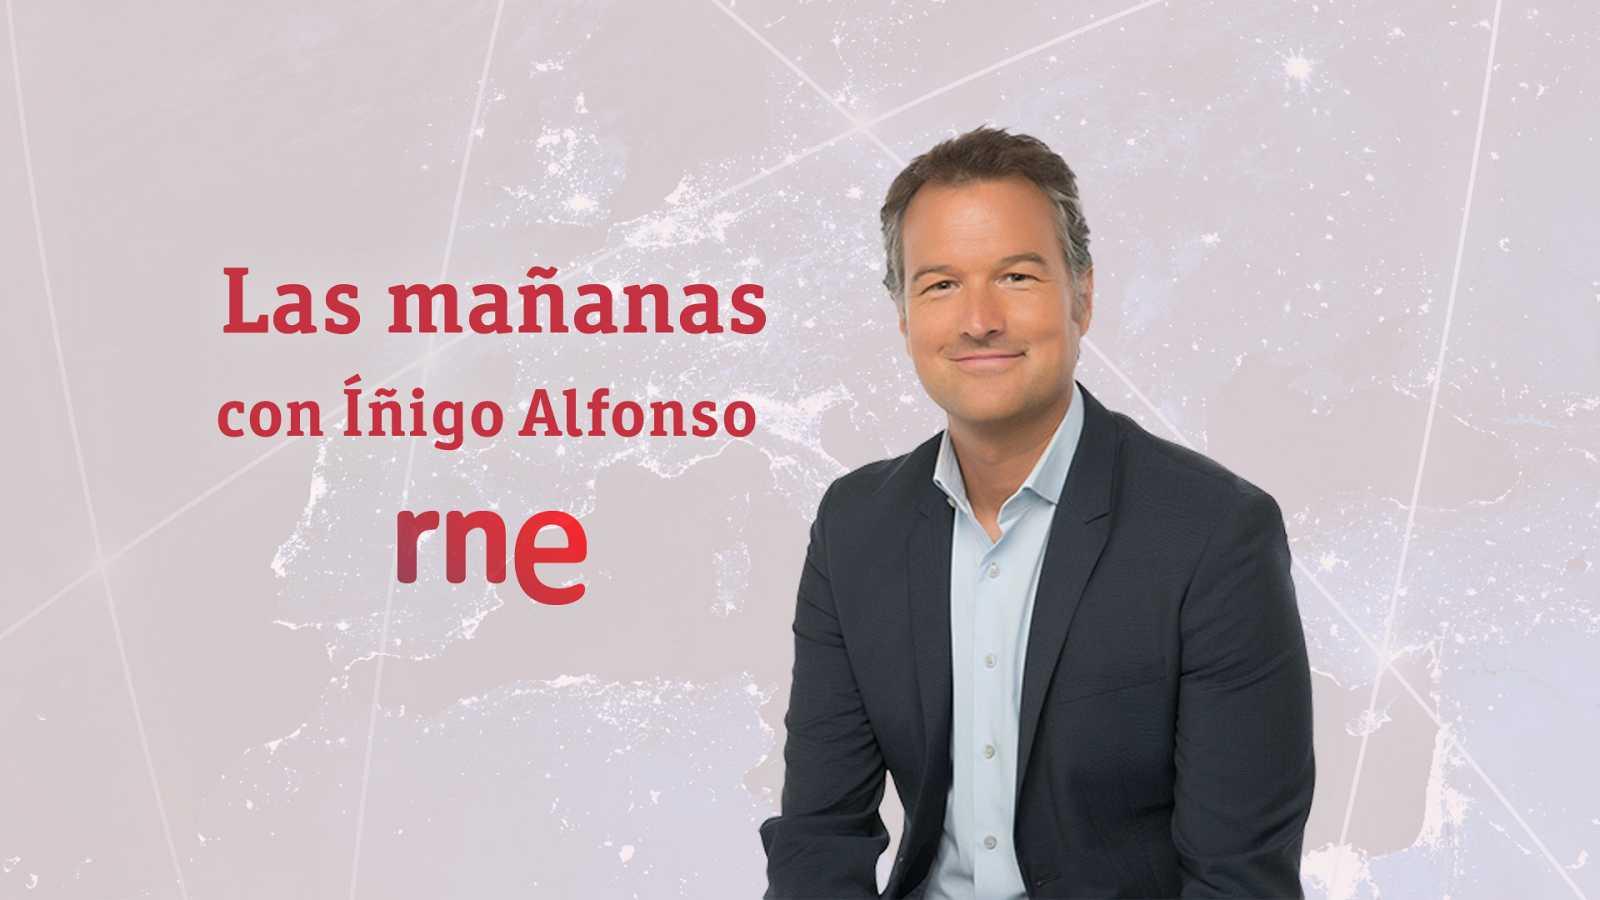 Las mañanas de RNE con Íñigo Alfonso - Segunda hora - 29/10/20 - escuchar ahora